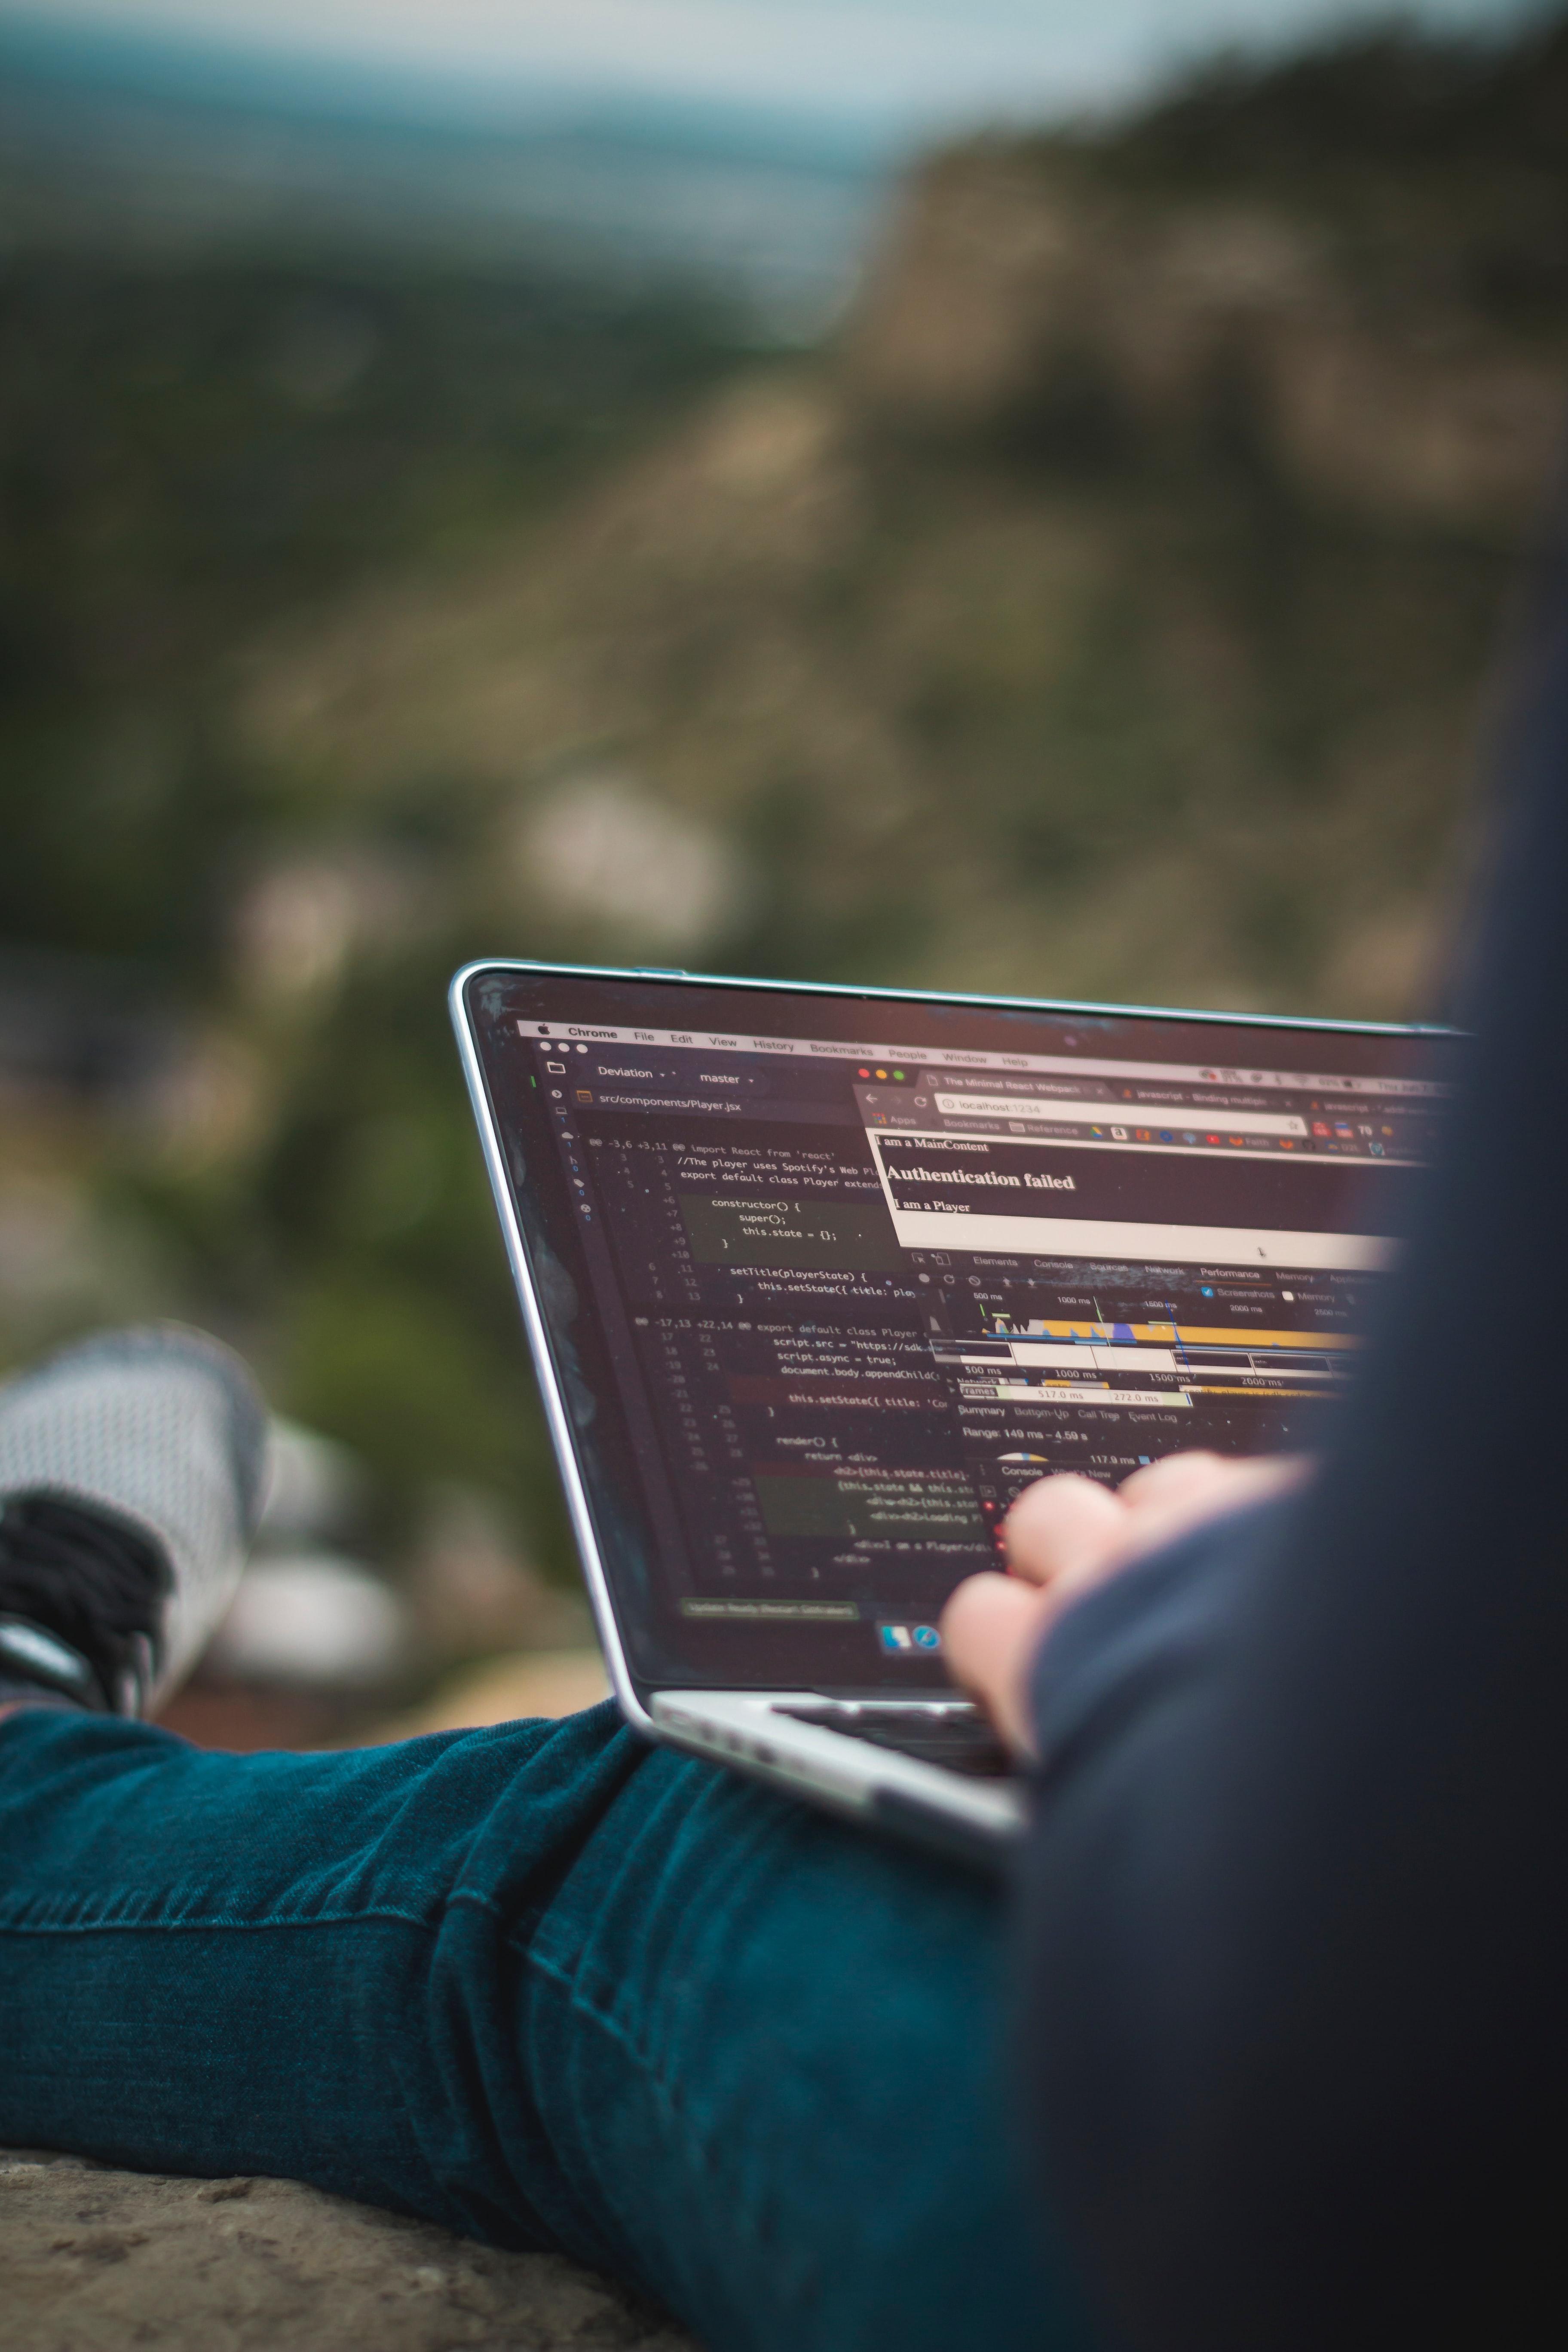 51509 Hintergrundbild herunterladen Der Code, Code, Mensch, Person, Technologien, Technologie, Notizbuch, Laptop, Hacker, Programmierer - Bildschirmschoner und Bilder kostenlos